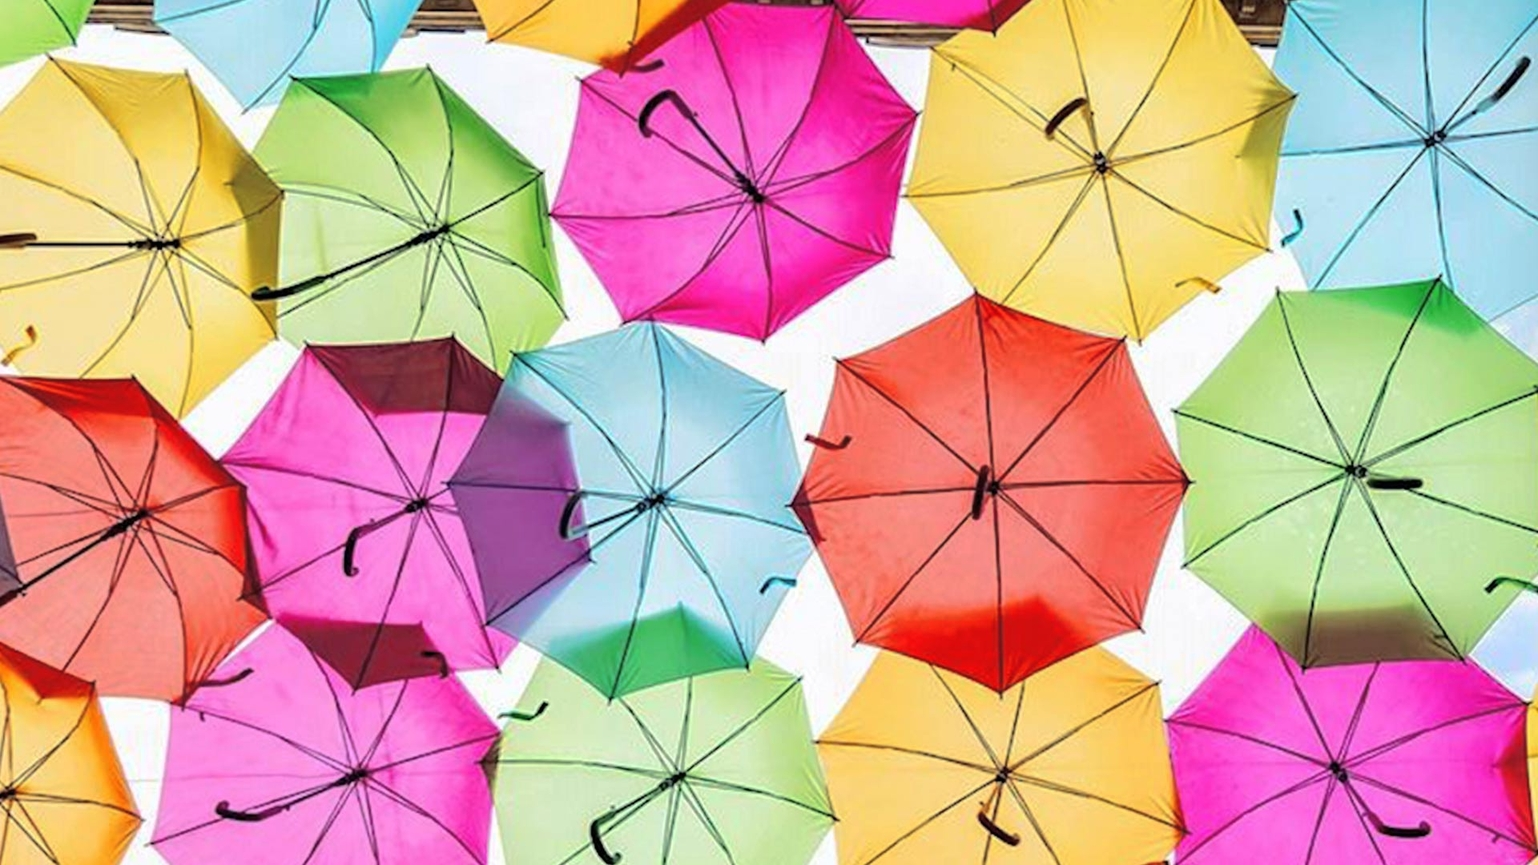 Umbrella Sky Project - Paris'19